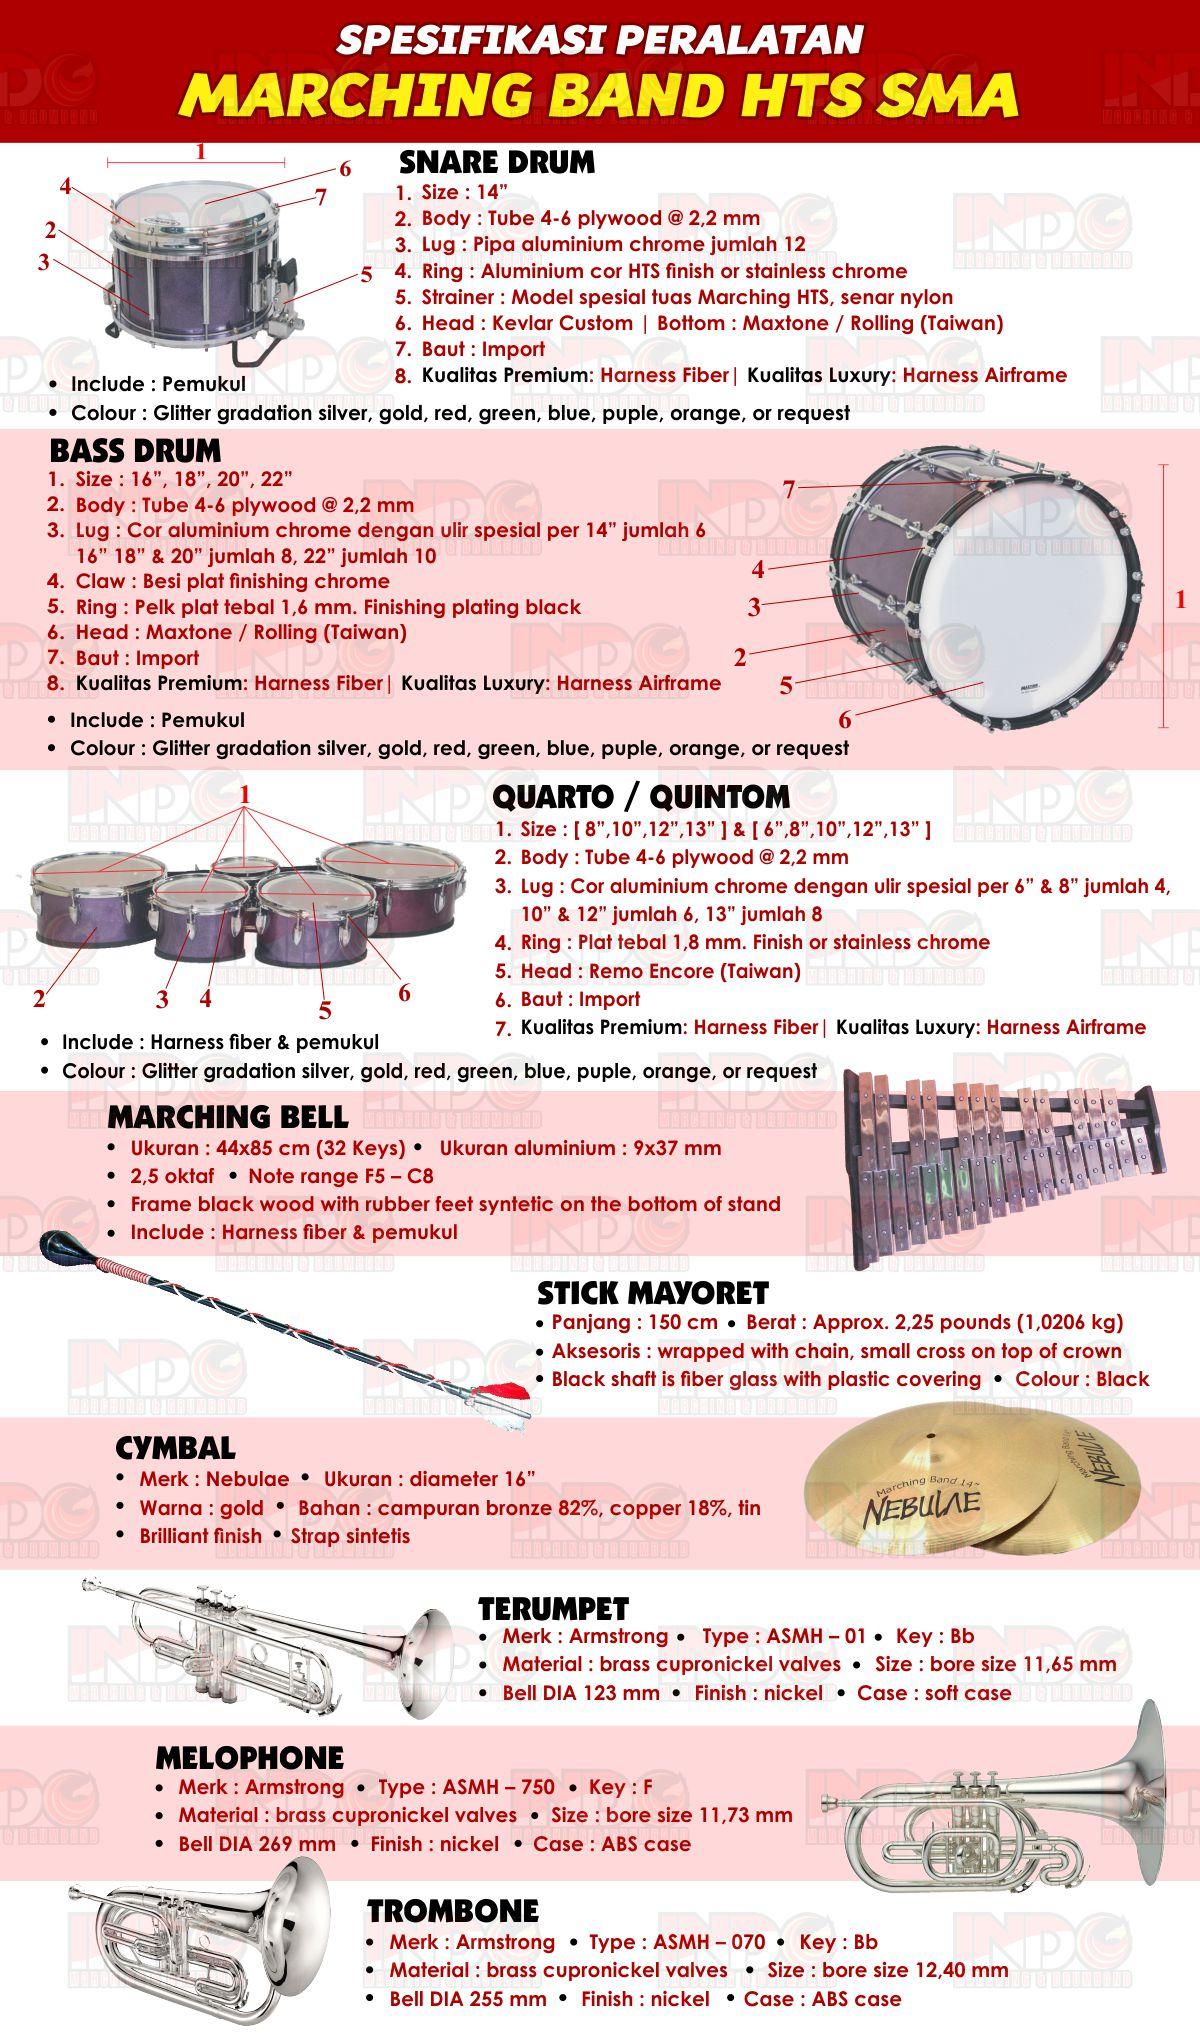 Spesifikasi Marching Band HTS SMA